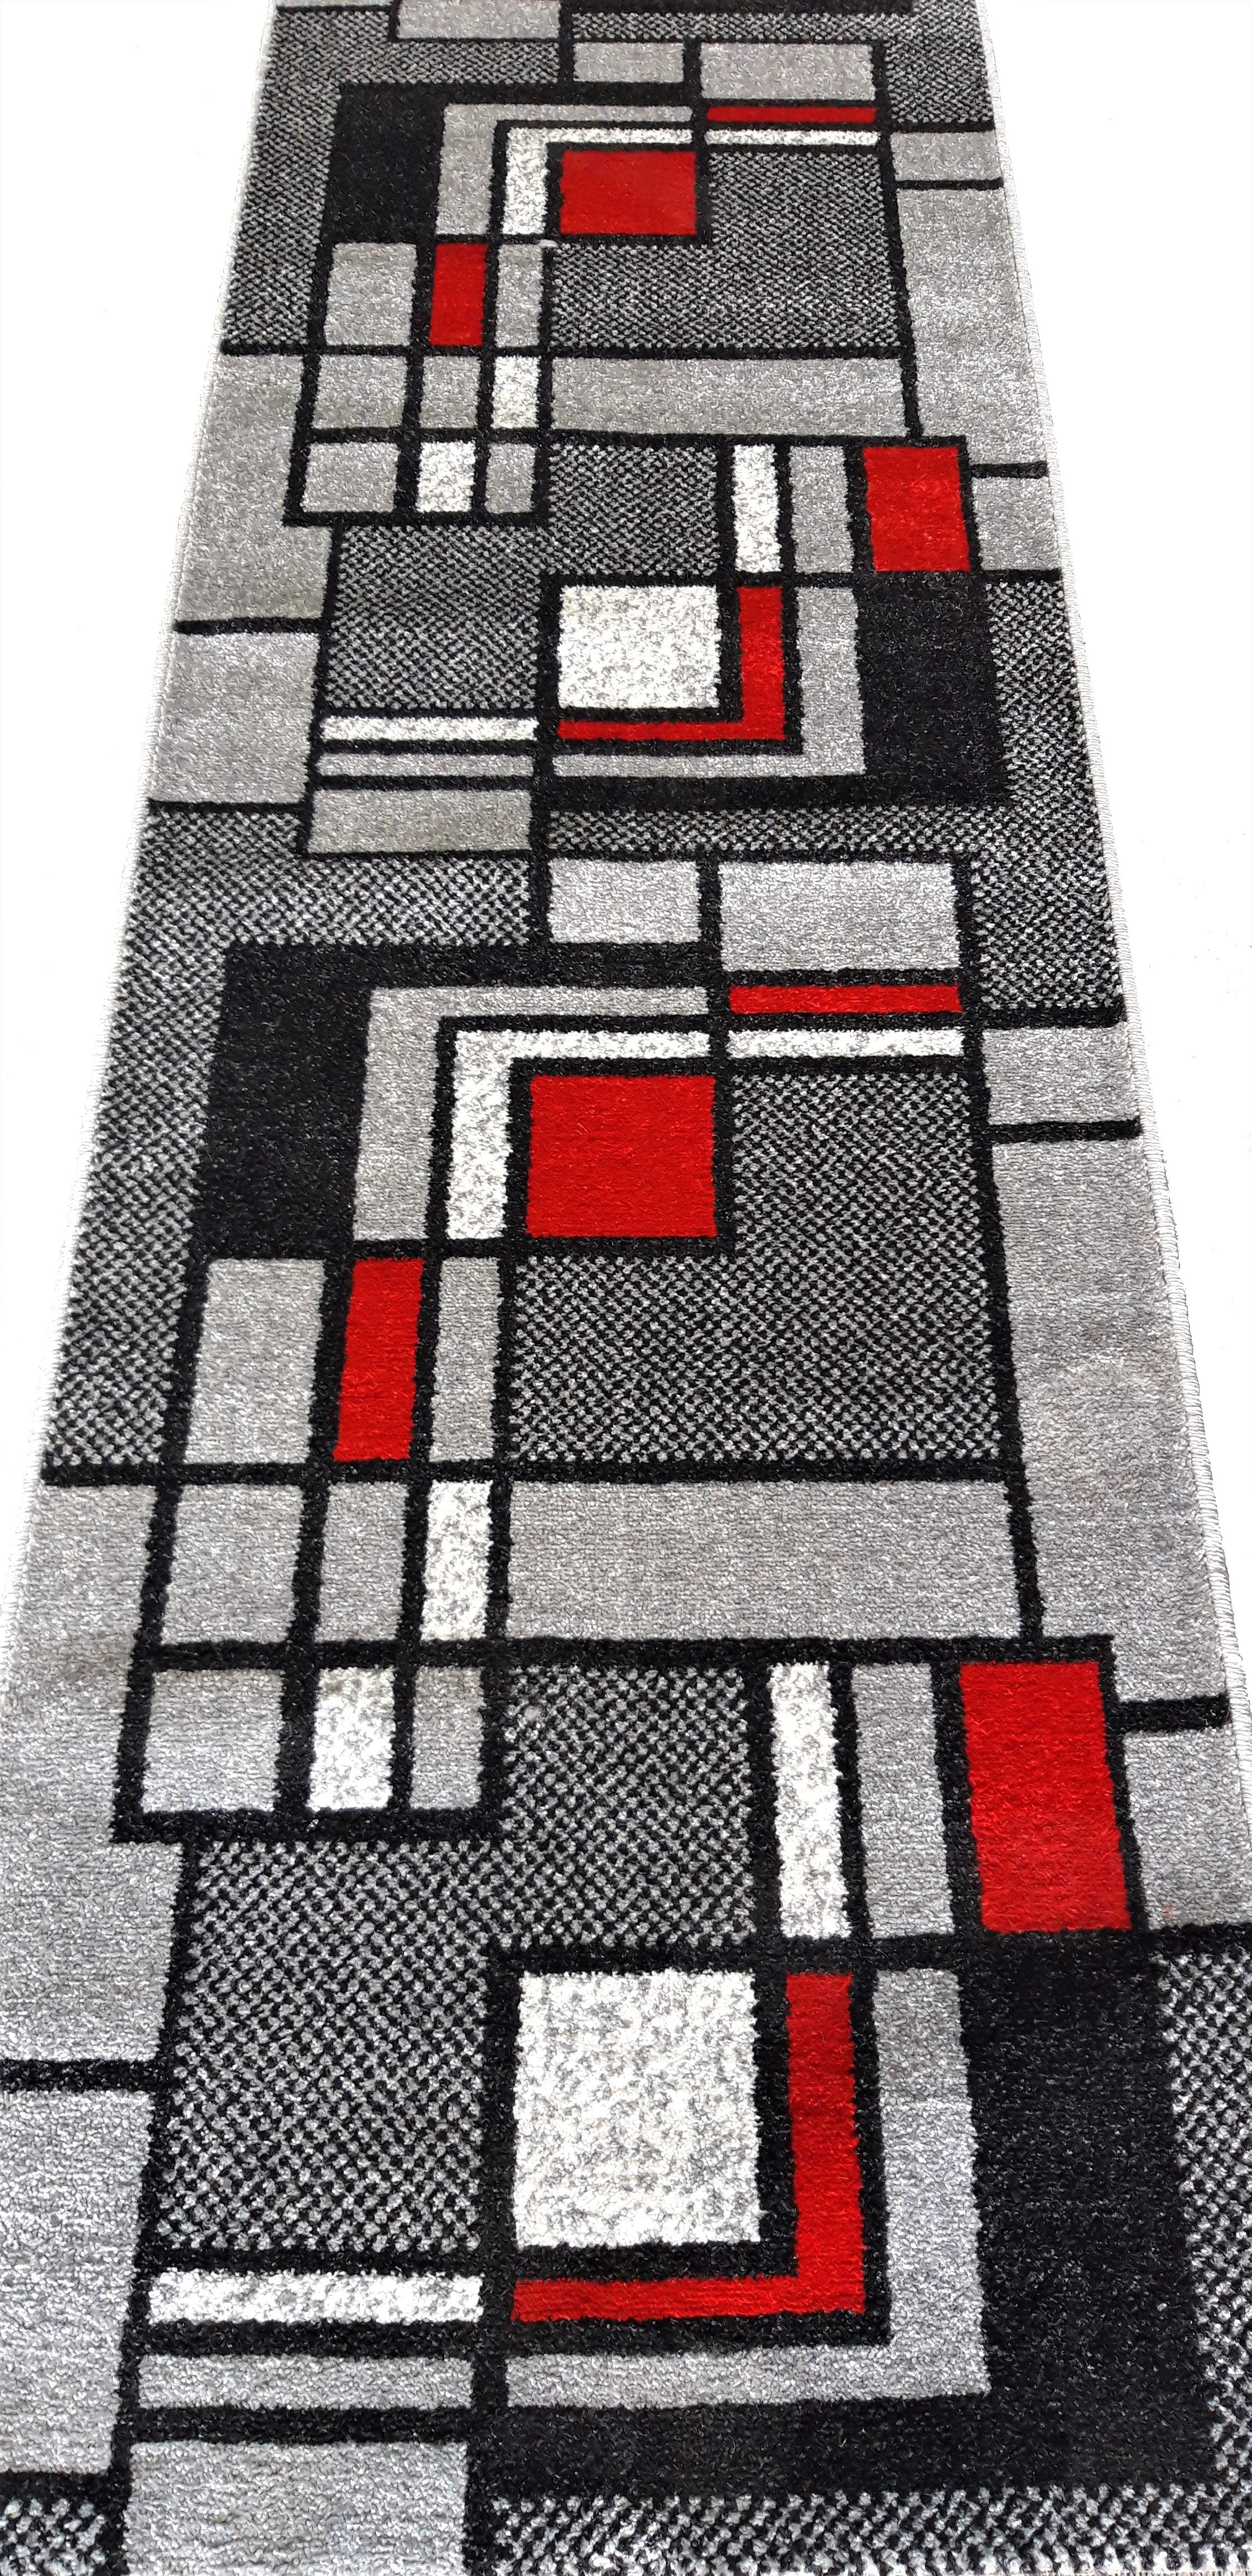 Traversa Covor, Cappuccino 16406, Multicolor, 80x700 cm, 1700 gr/mp, 0.8x7 m. 0